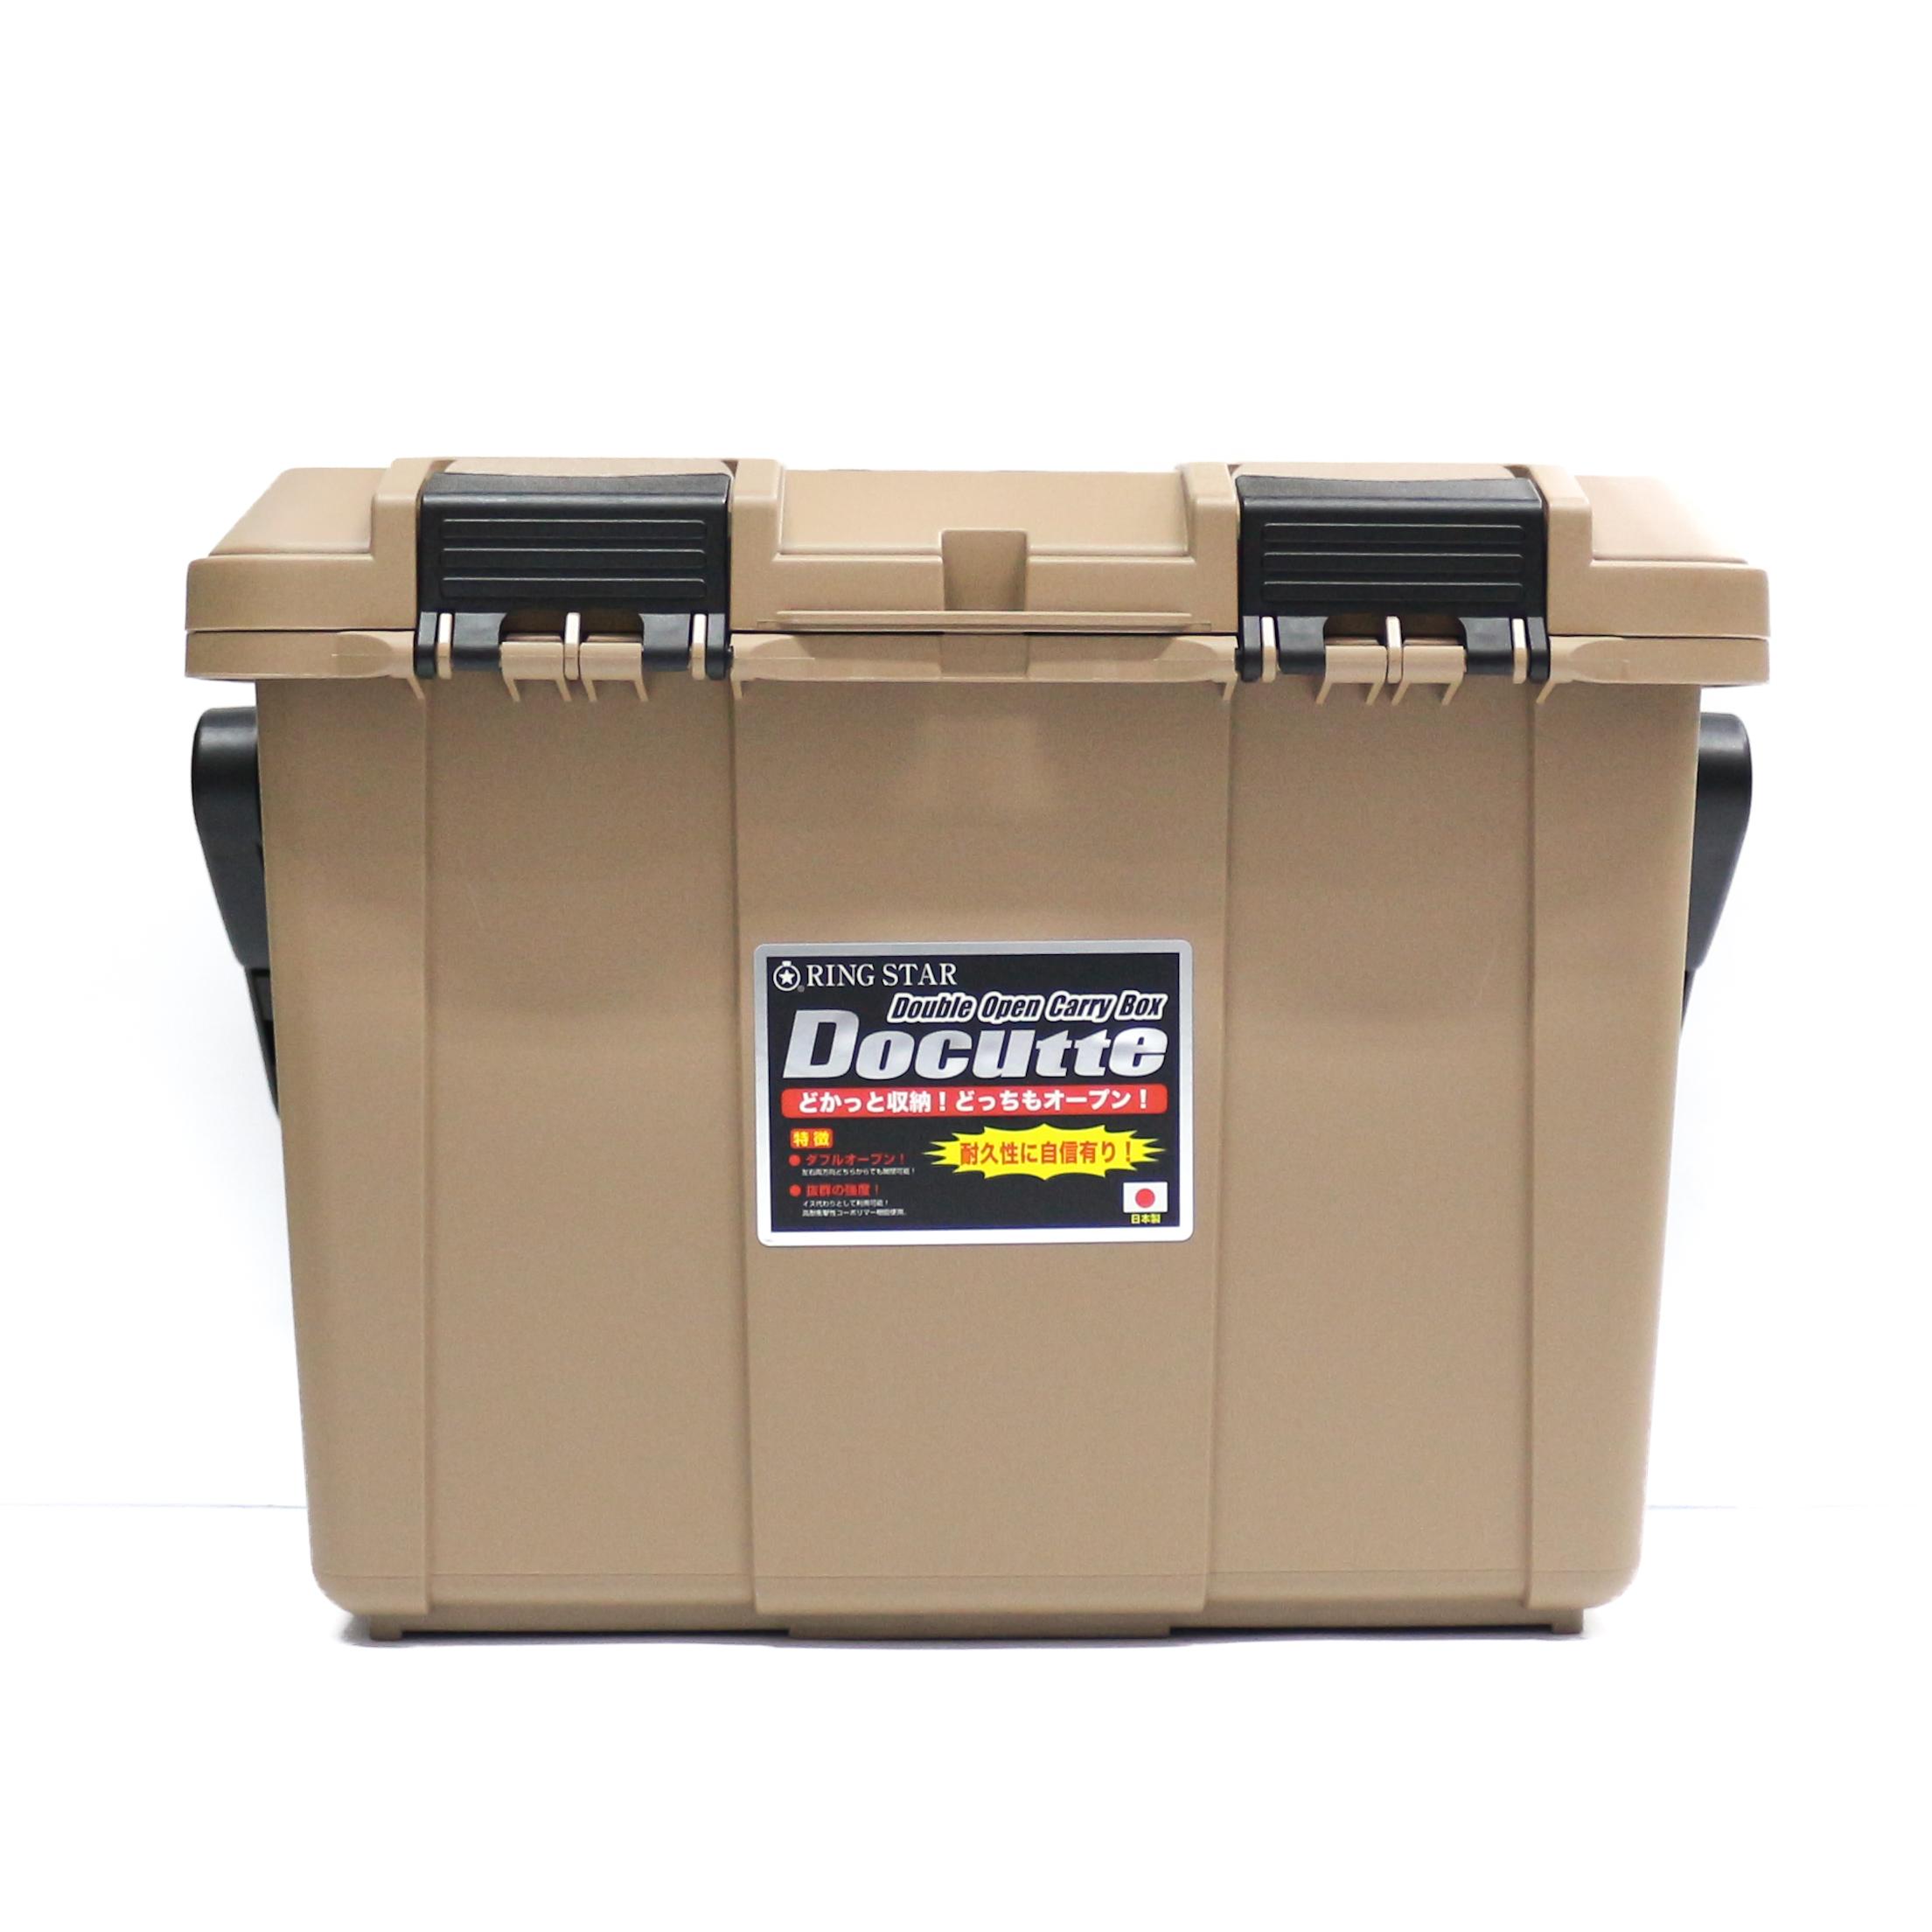 Ring Star Docutte D-4700 TN Tackle Box 465 x 333 x 322 mm Tan (2323)